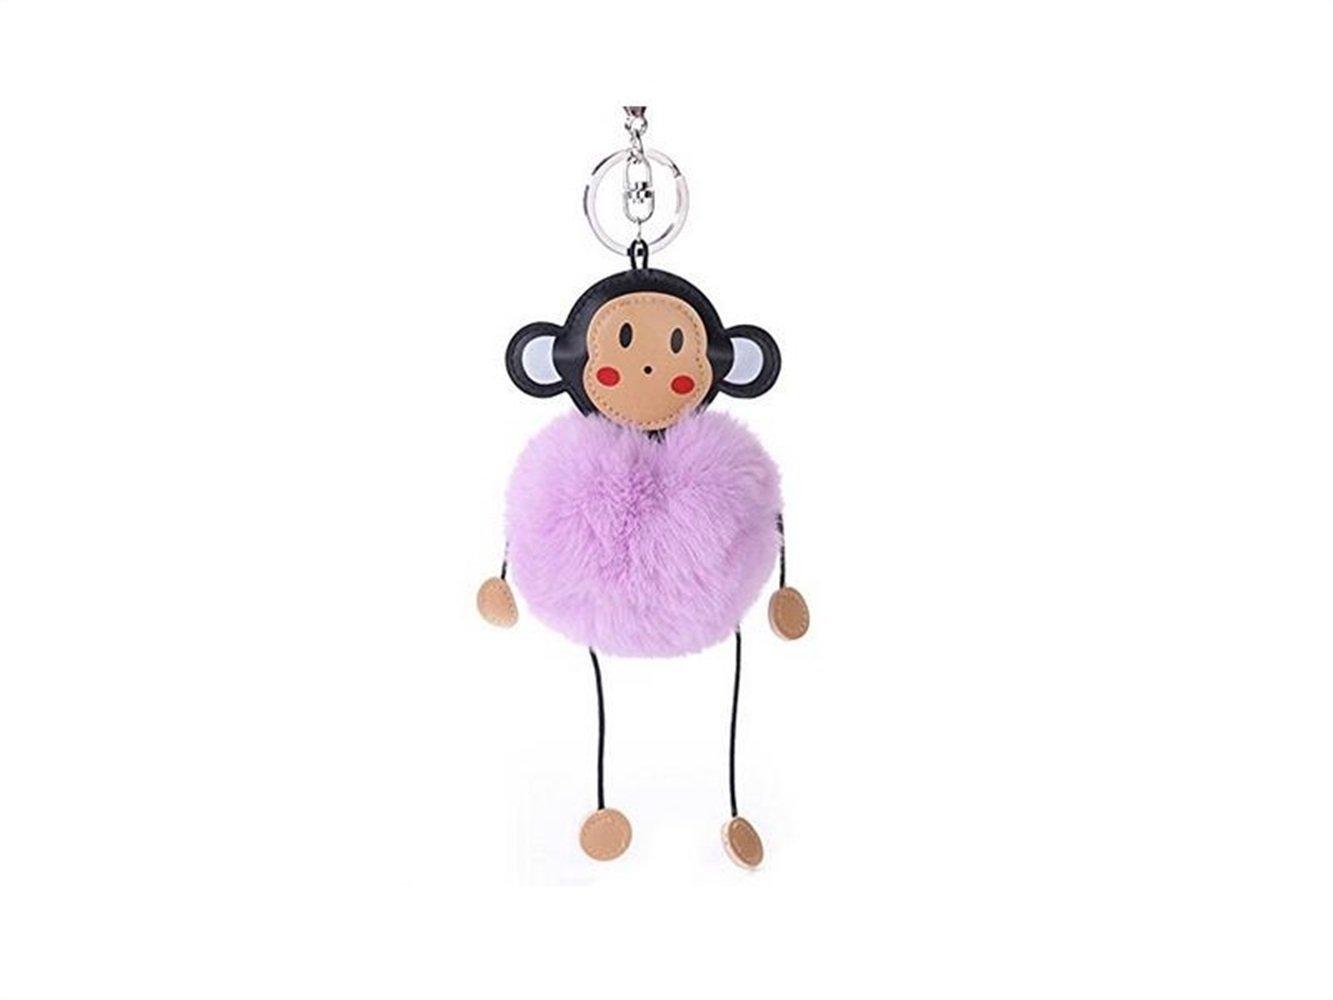 Flowerrs Utile Ciondolo portachiavi con pendente a forma di scimmia Gadget per la casa